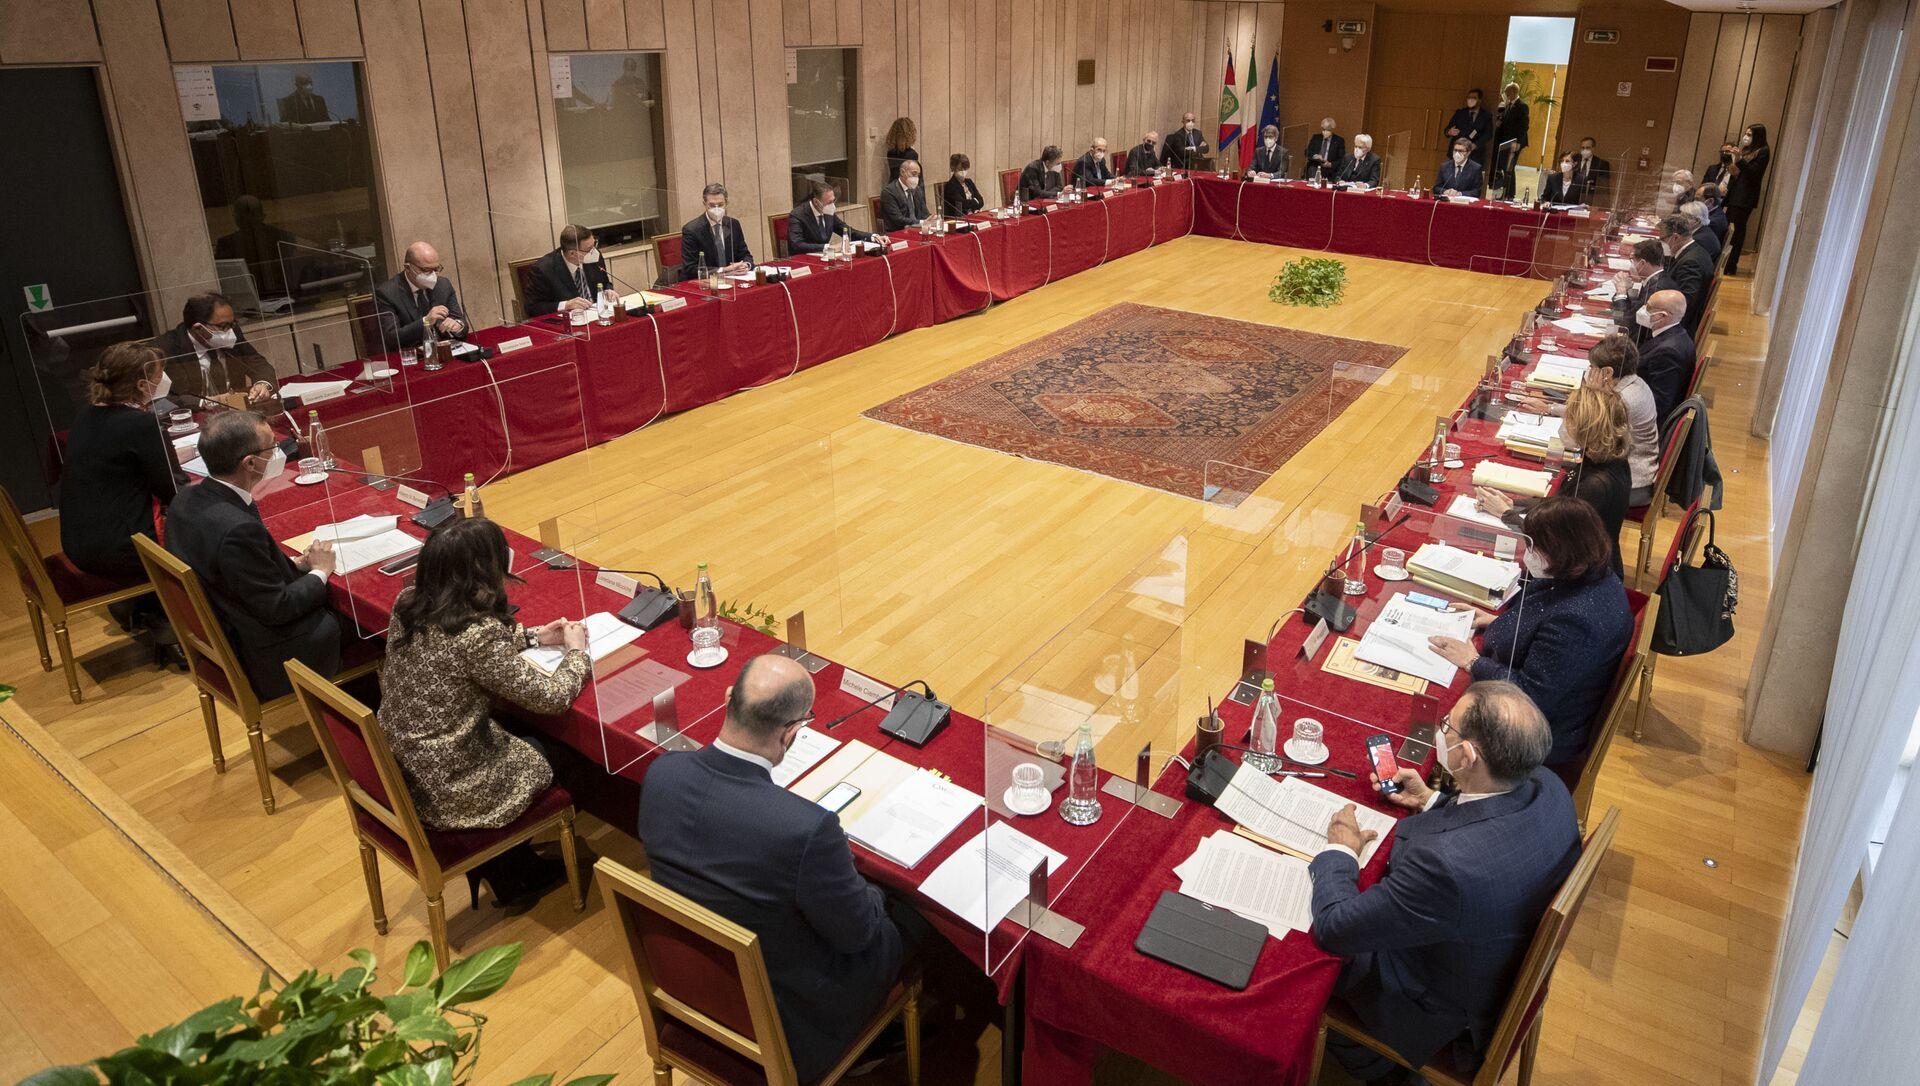 Il Presidente della Repubblica Sergio Mattarella presiede l'Assemblea plenaria del Consiglio Superiore della Magistratura - Sputnik Italia, 1920, 23.03.2021